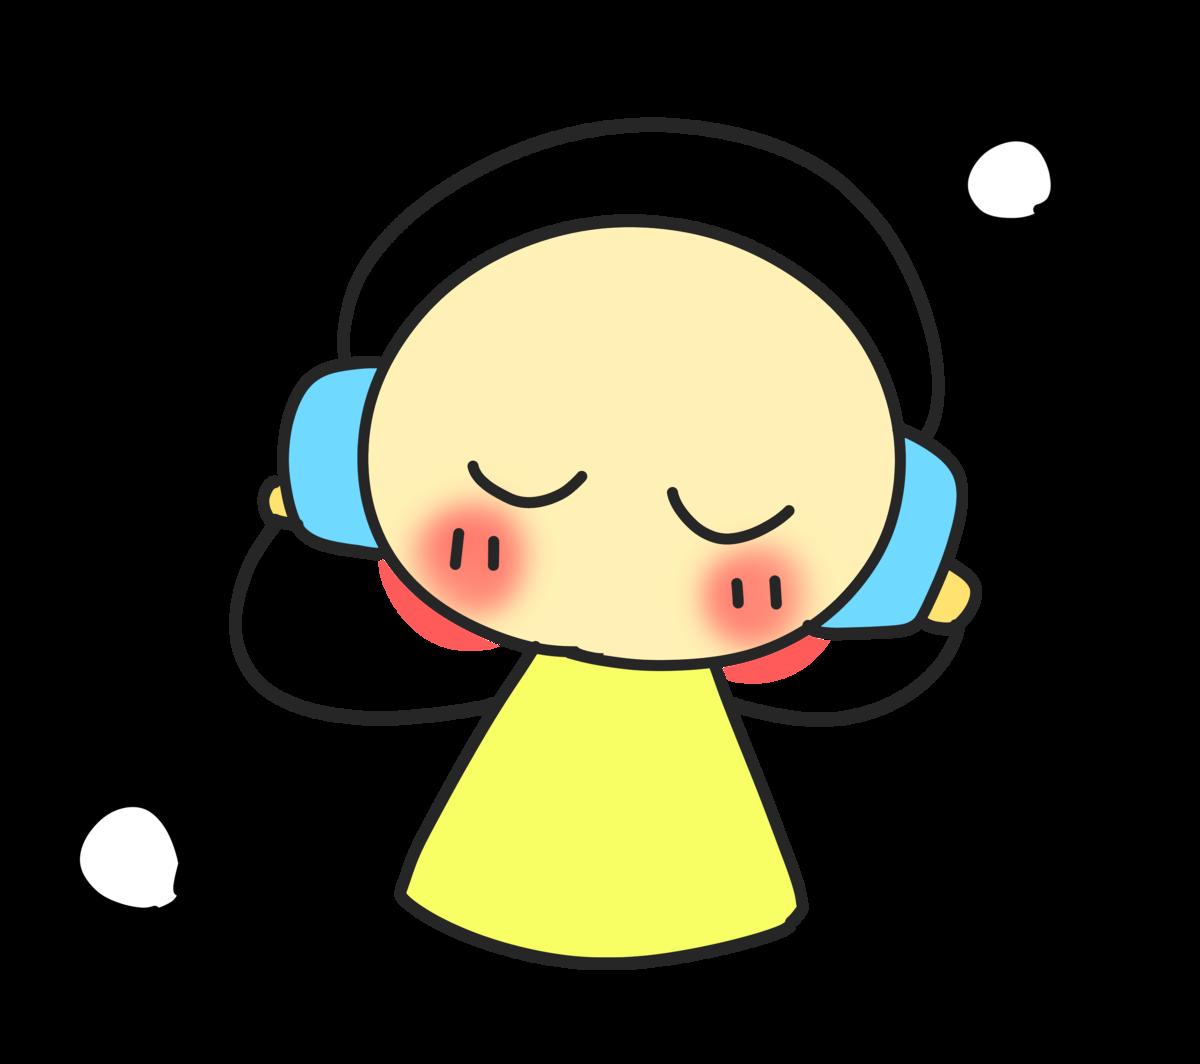 音楽を聴いている人のイラスト